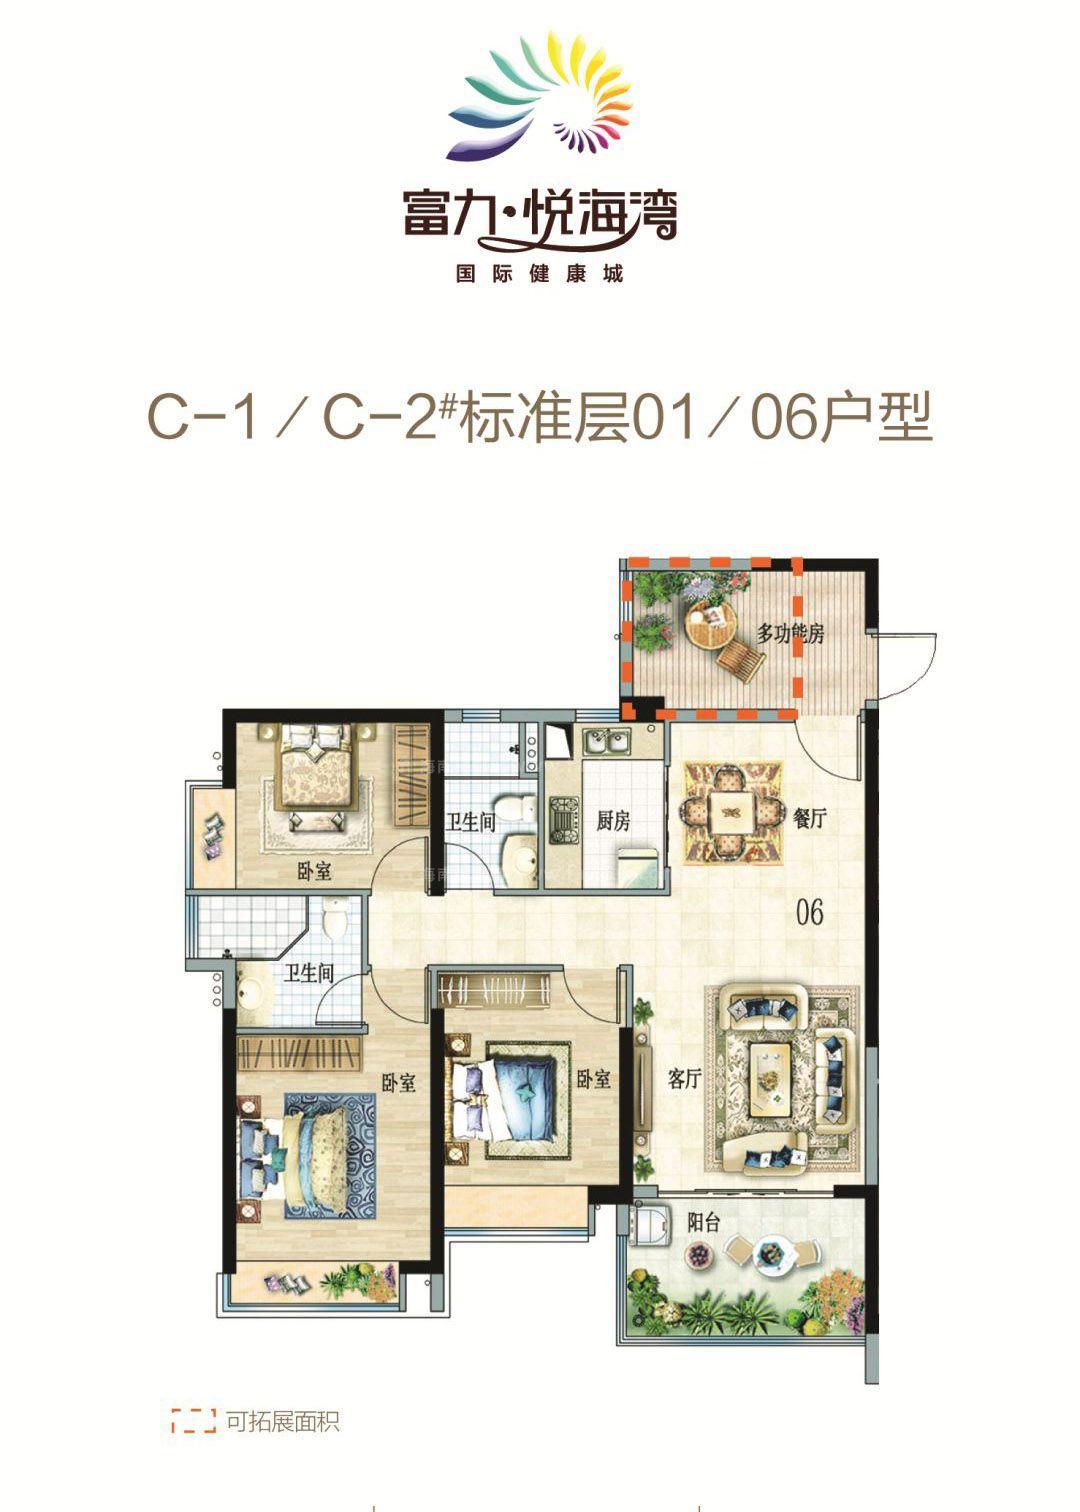 C1-2組團01 06戶型 3室2廳2衛 建面:109.07㎡